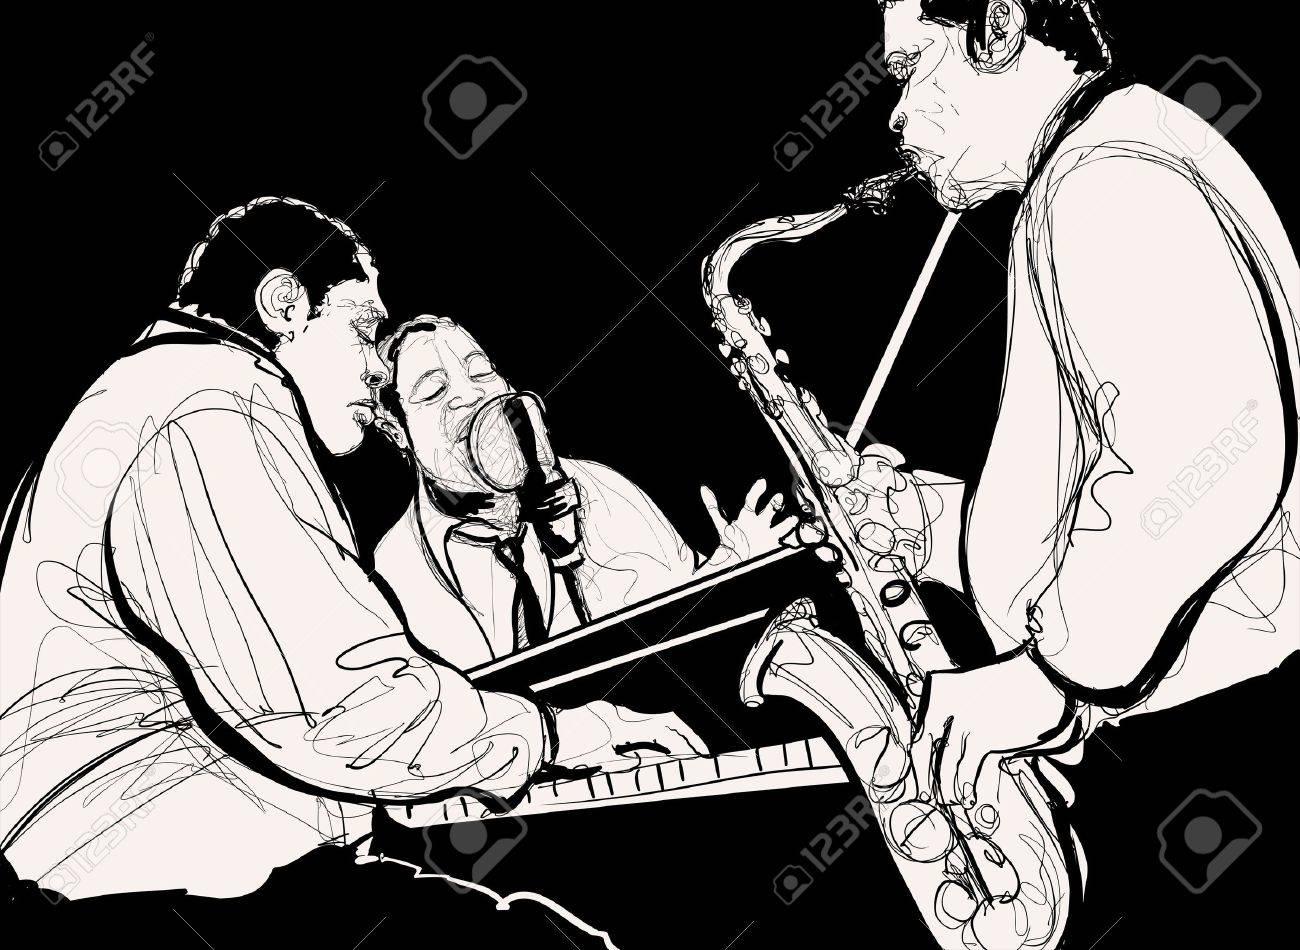 ジャズ バンドのイラスト の写真素材画像素材 Image 20451366